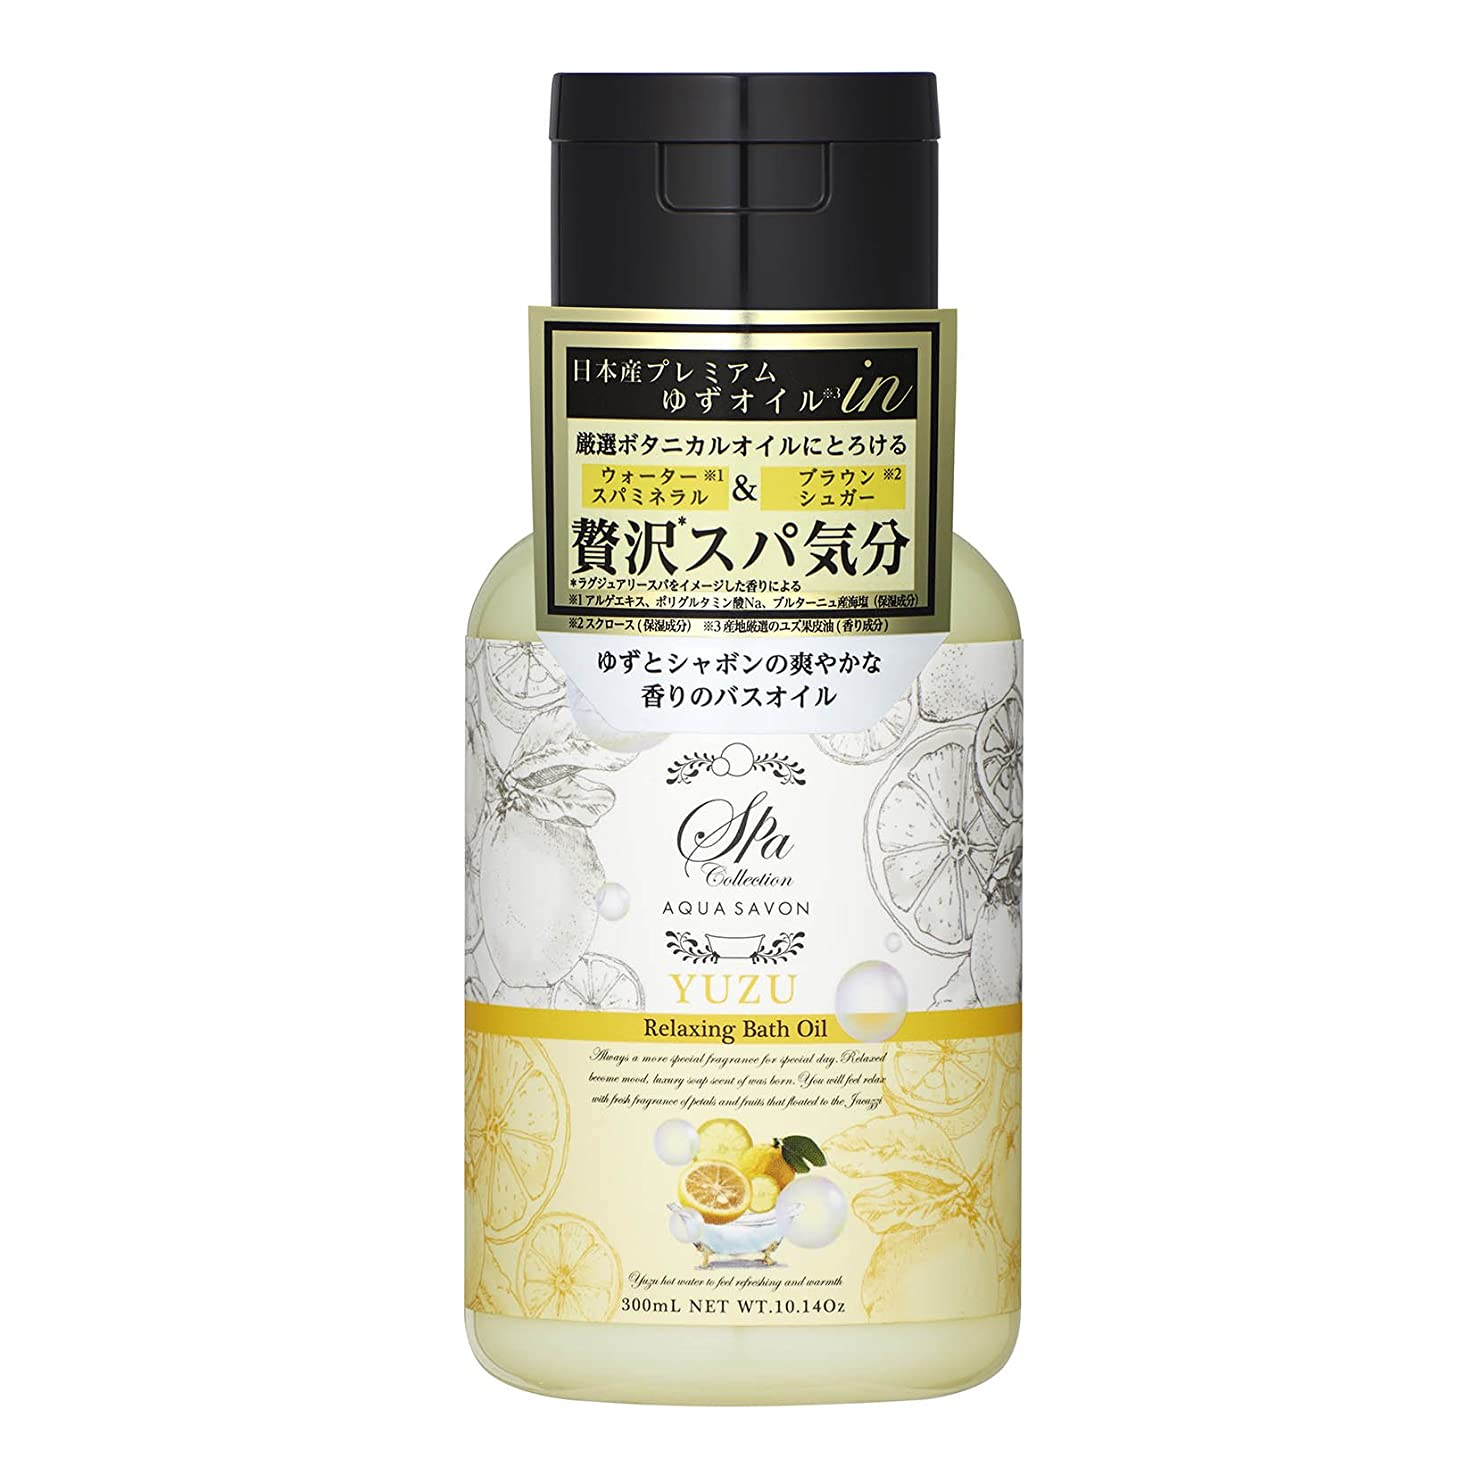 シェードパーティション発疹アクアシャボン スパコレクション リラクシングバスオイル ゆずスパの香り 300mL